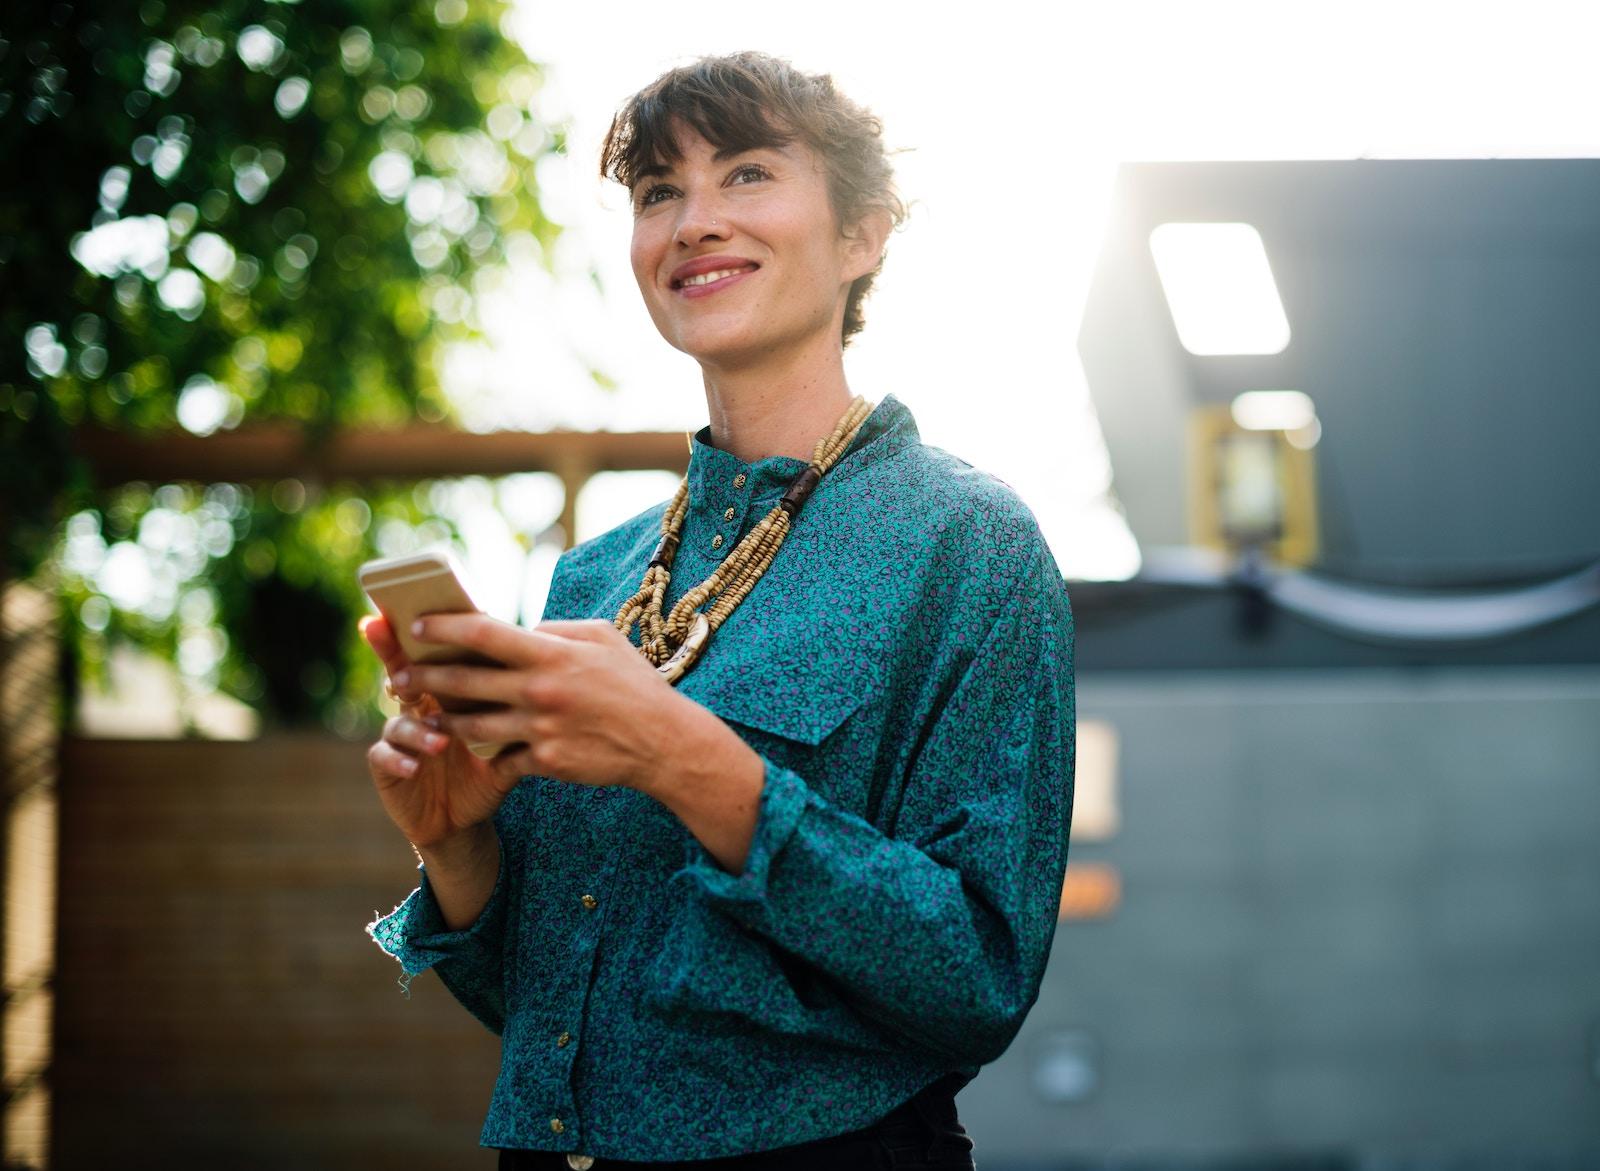 В Україні запускають технологію ідентифікації через смартфон